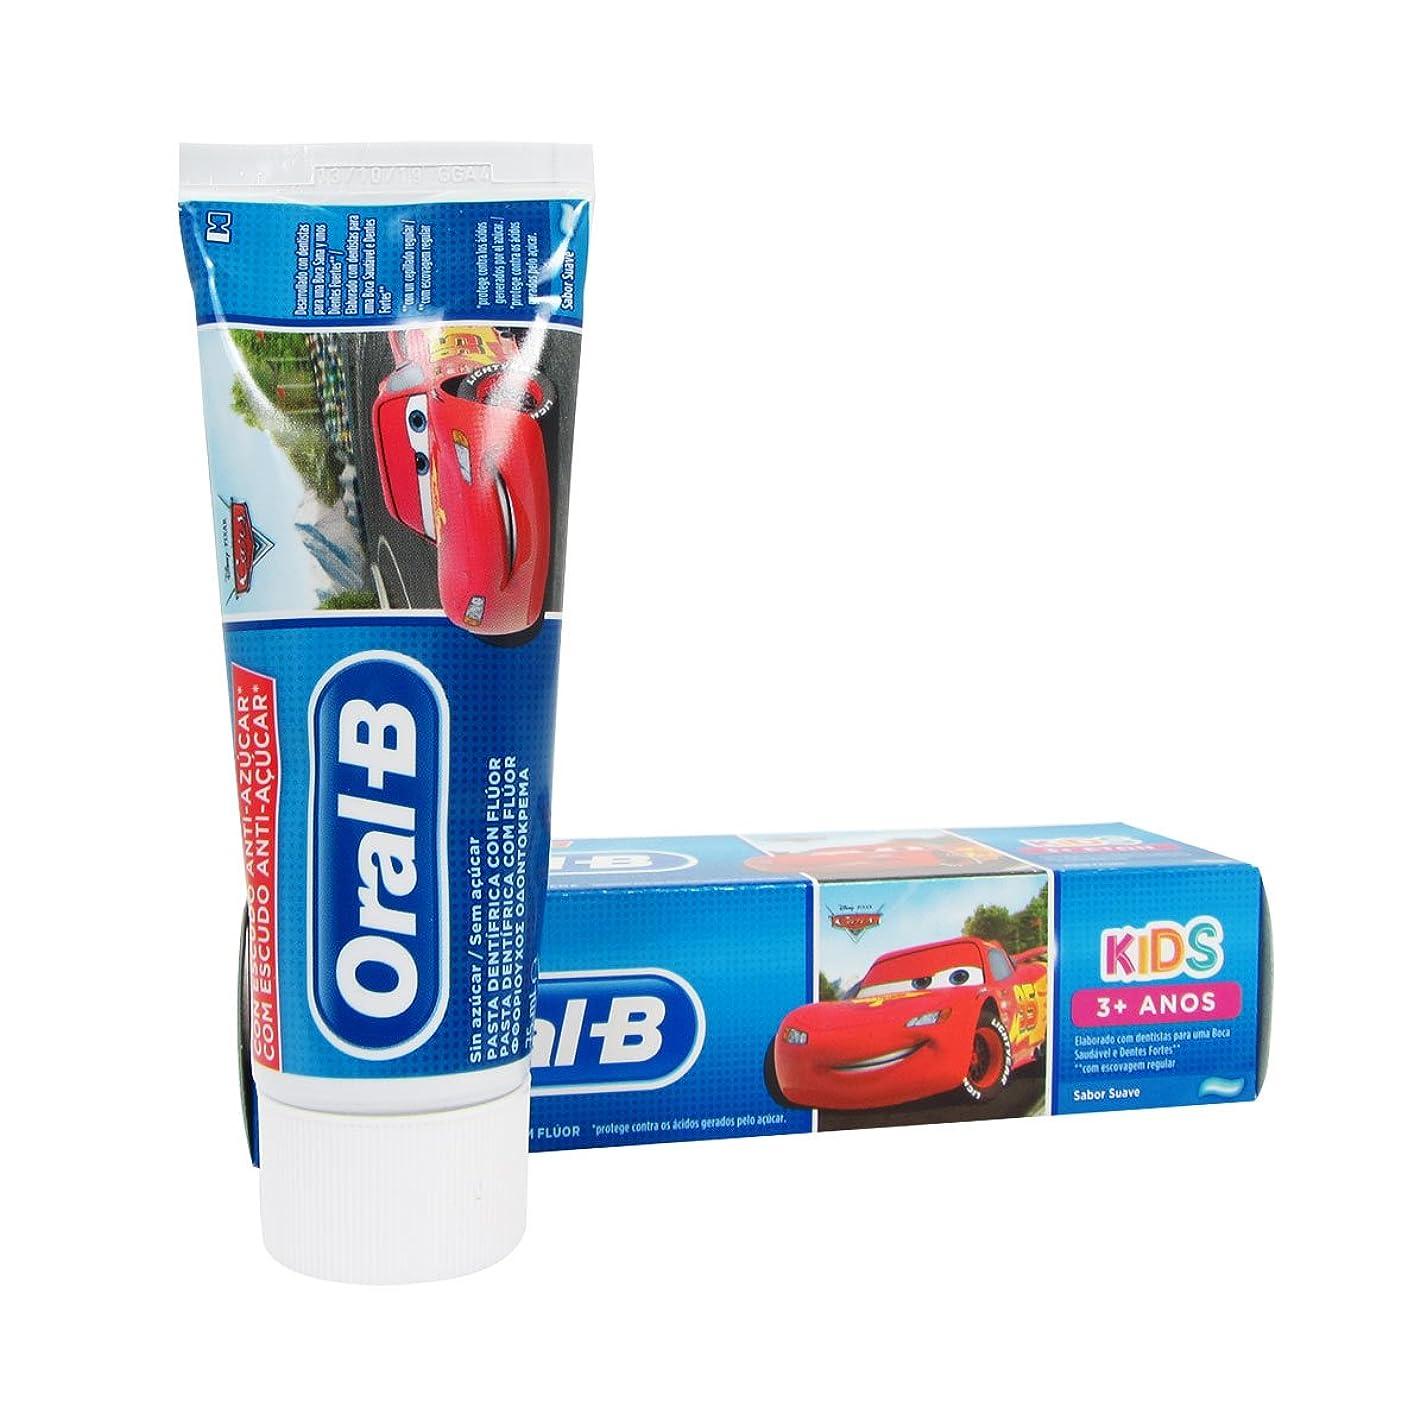 郡控えめな適切にOral B Kids Cars Children's Toothpaste 75ml [並行輸入品]